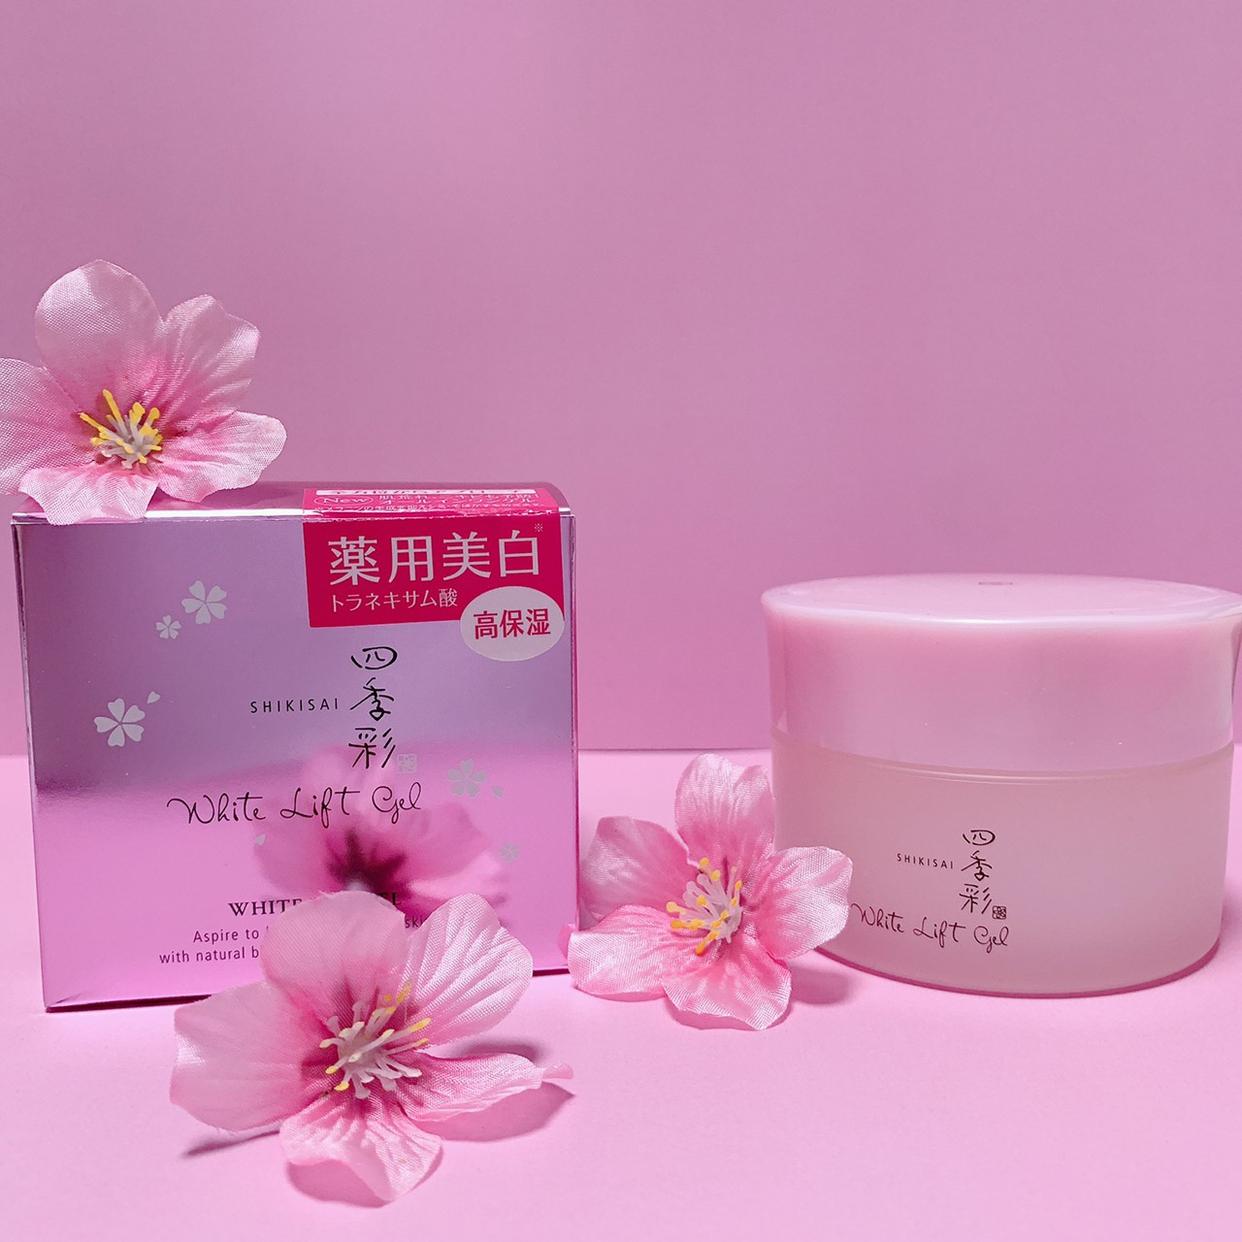 四季彩(SHIKISAI) ホワイトリフトジェルを使ったkana_cafe_timeさんのクチコミ画像